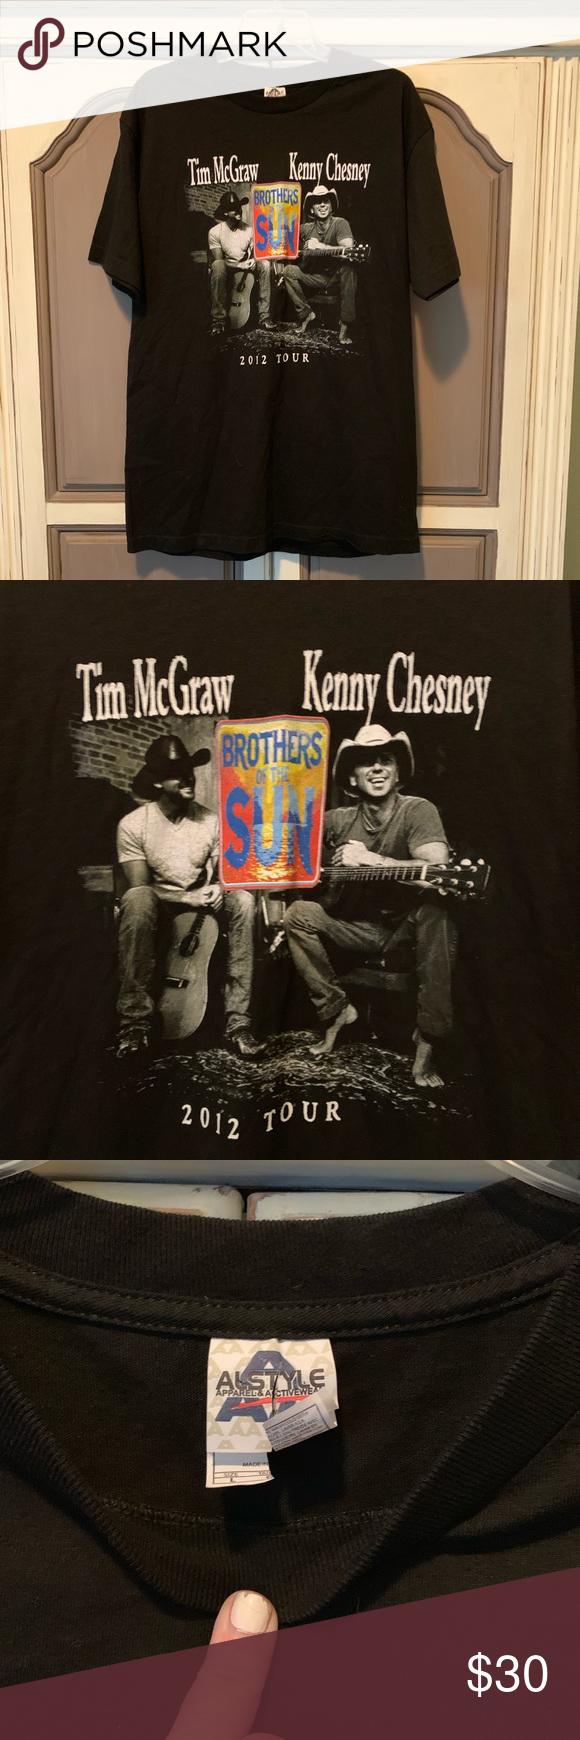 Tim McGraw Kenny Chesney Concert Tee sz L Tim McGraw Kenny